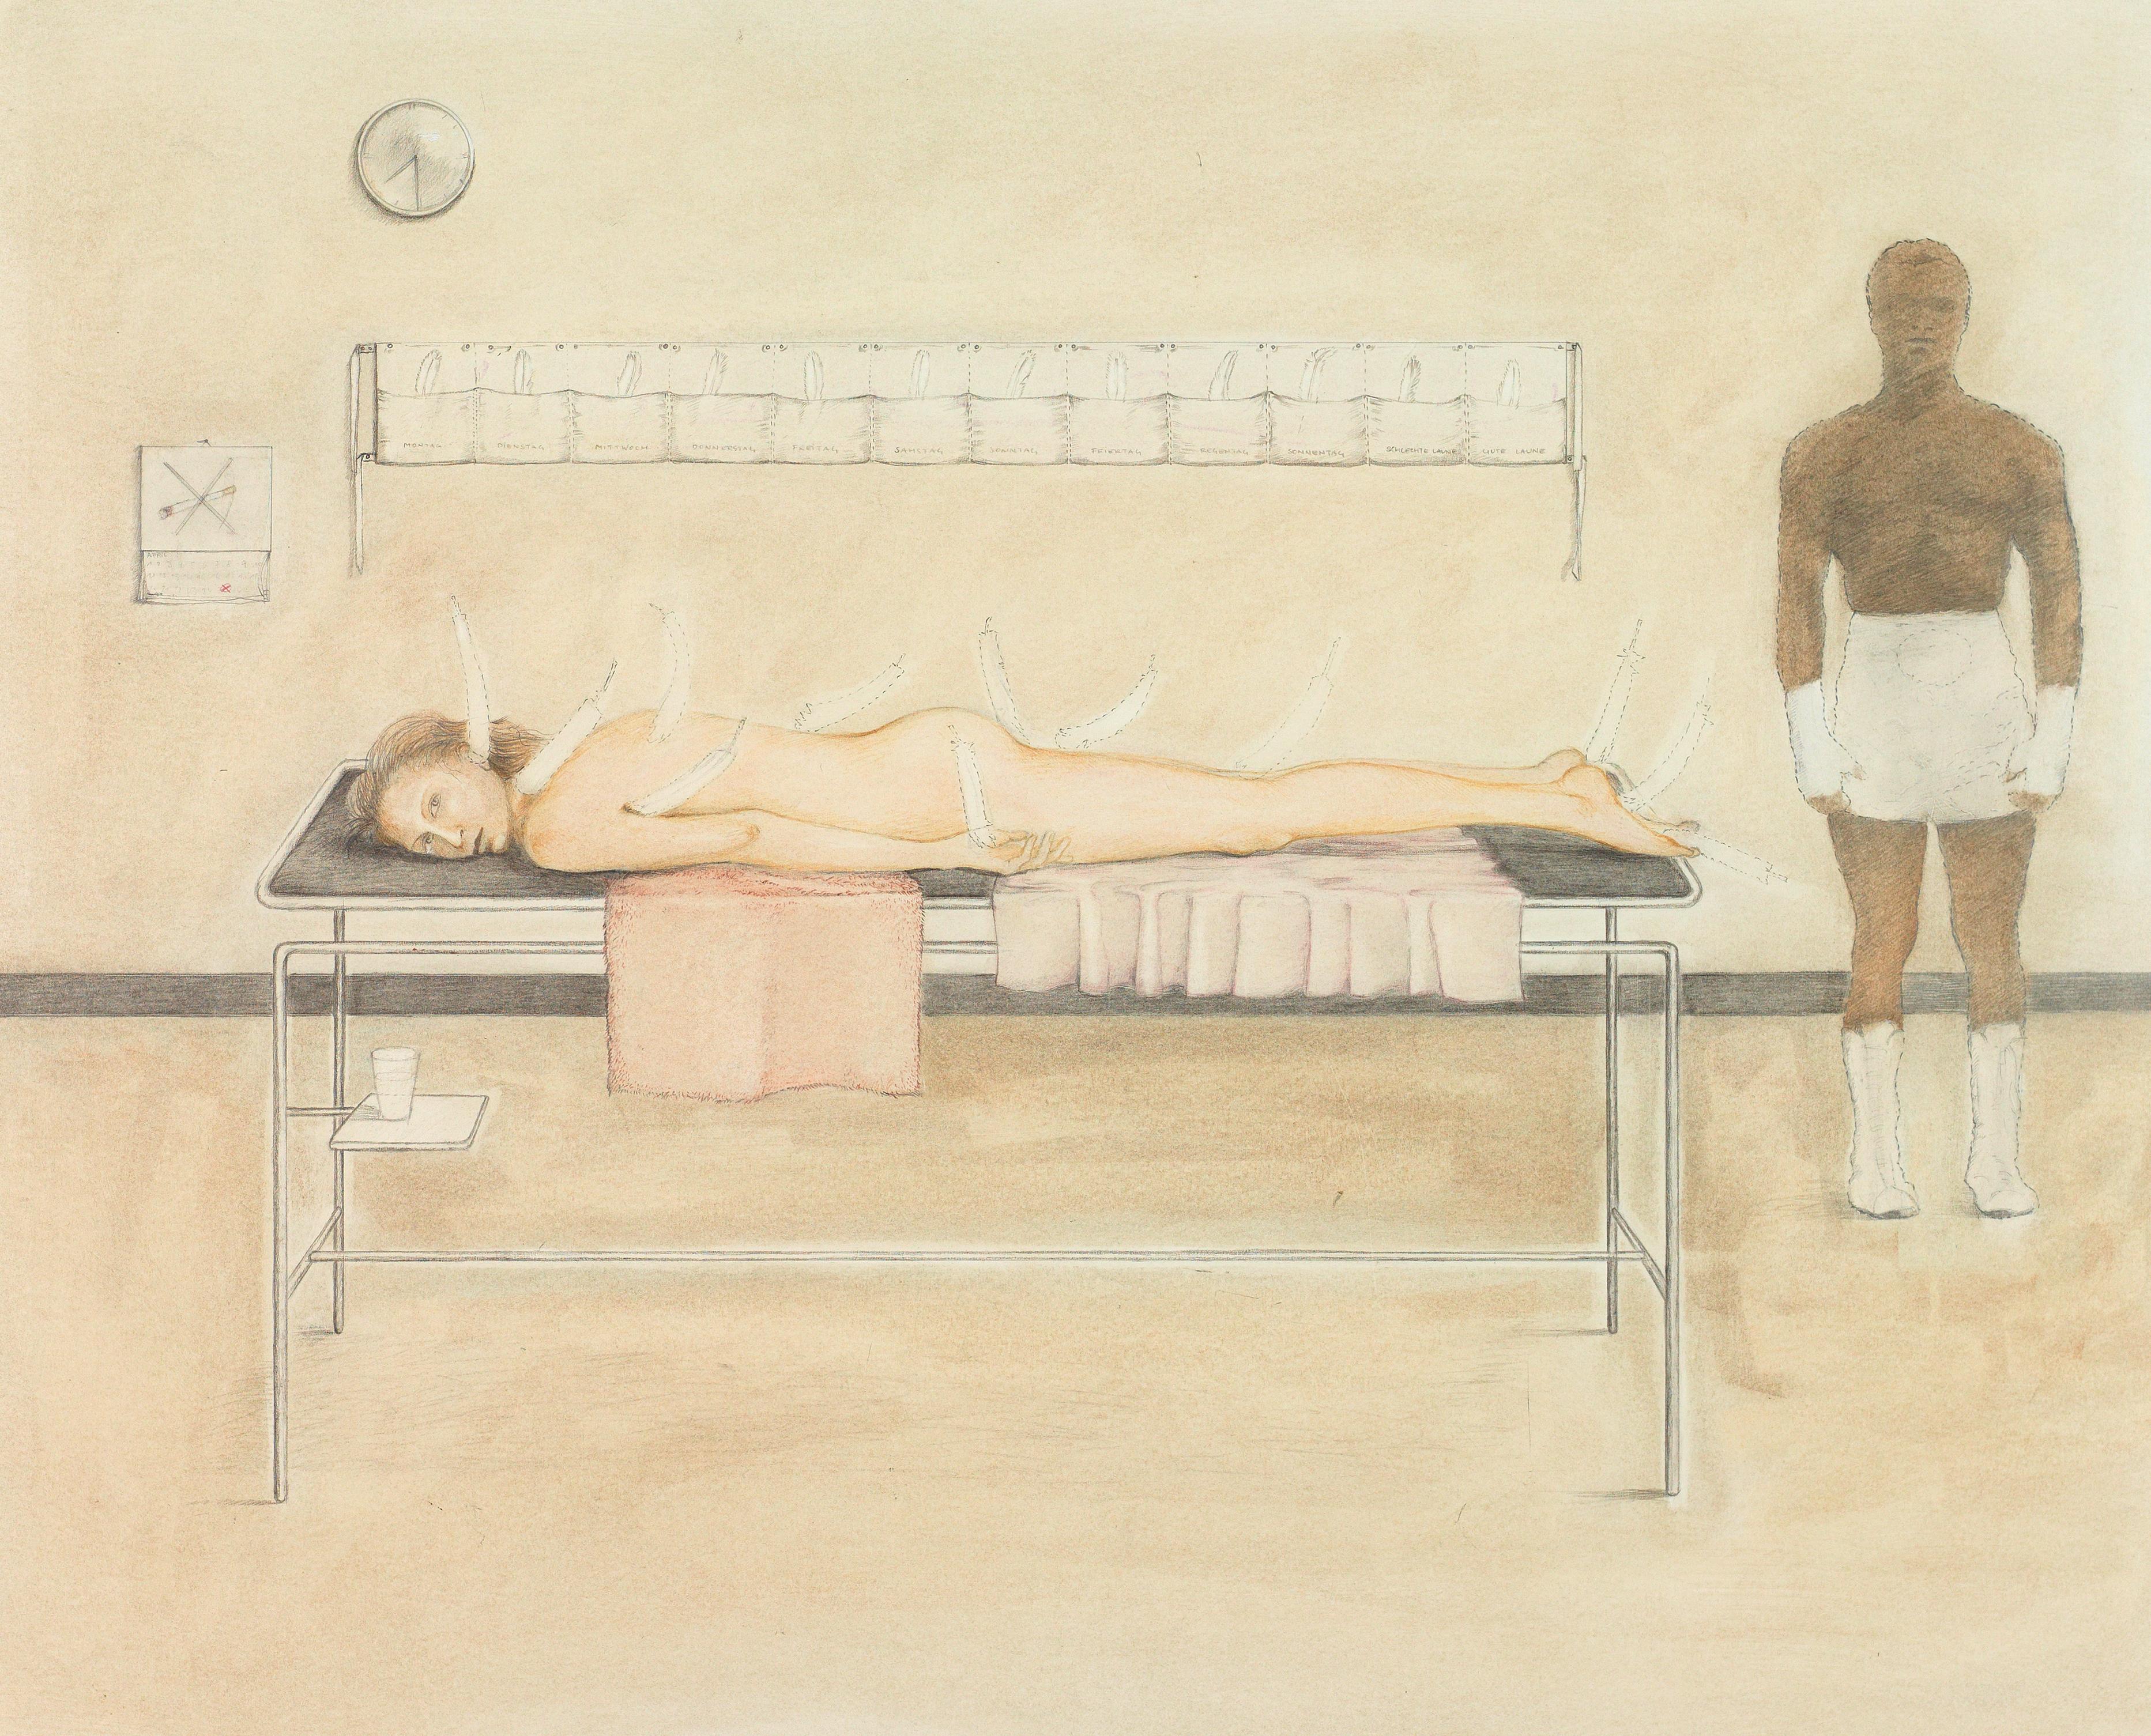 Nackt Alison Schlicter  Tomcats (1977)